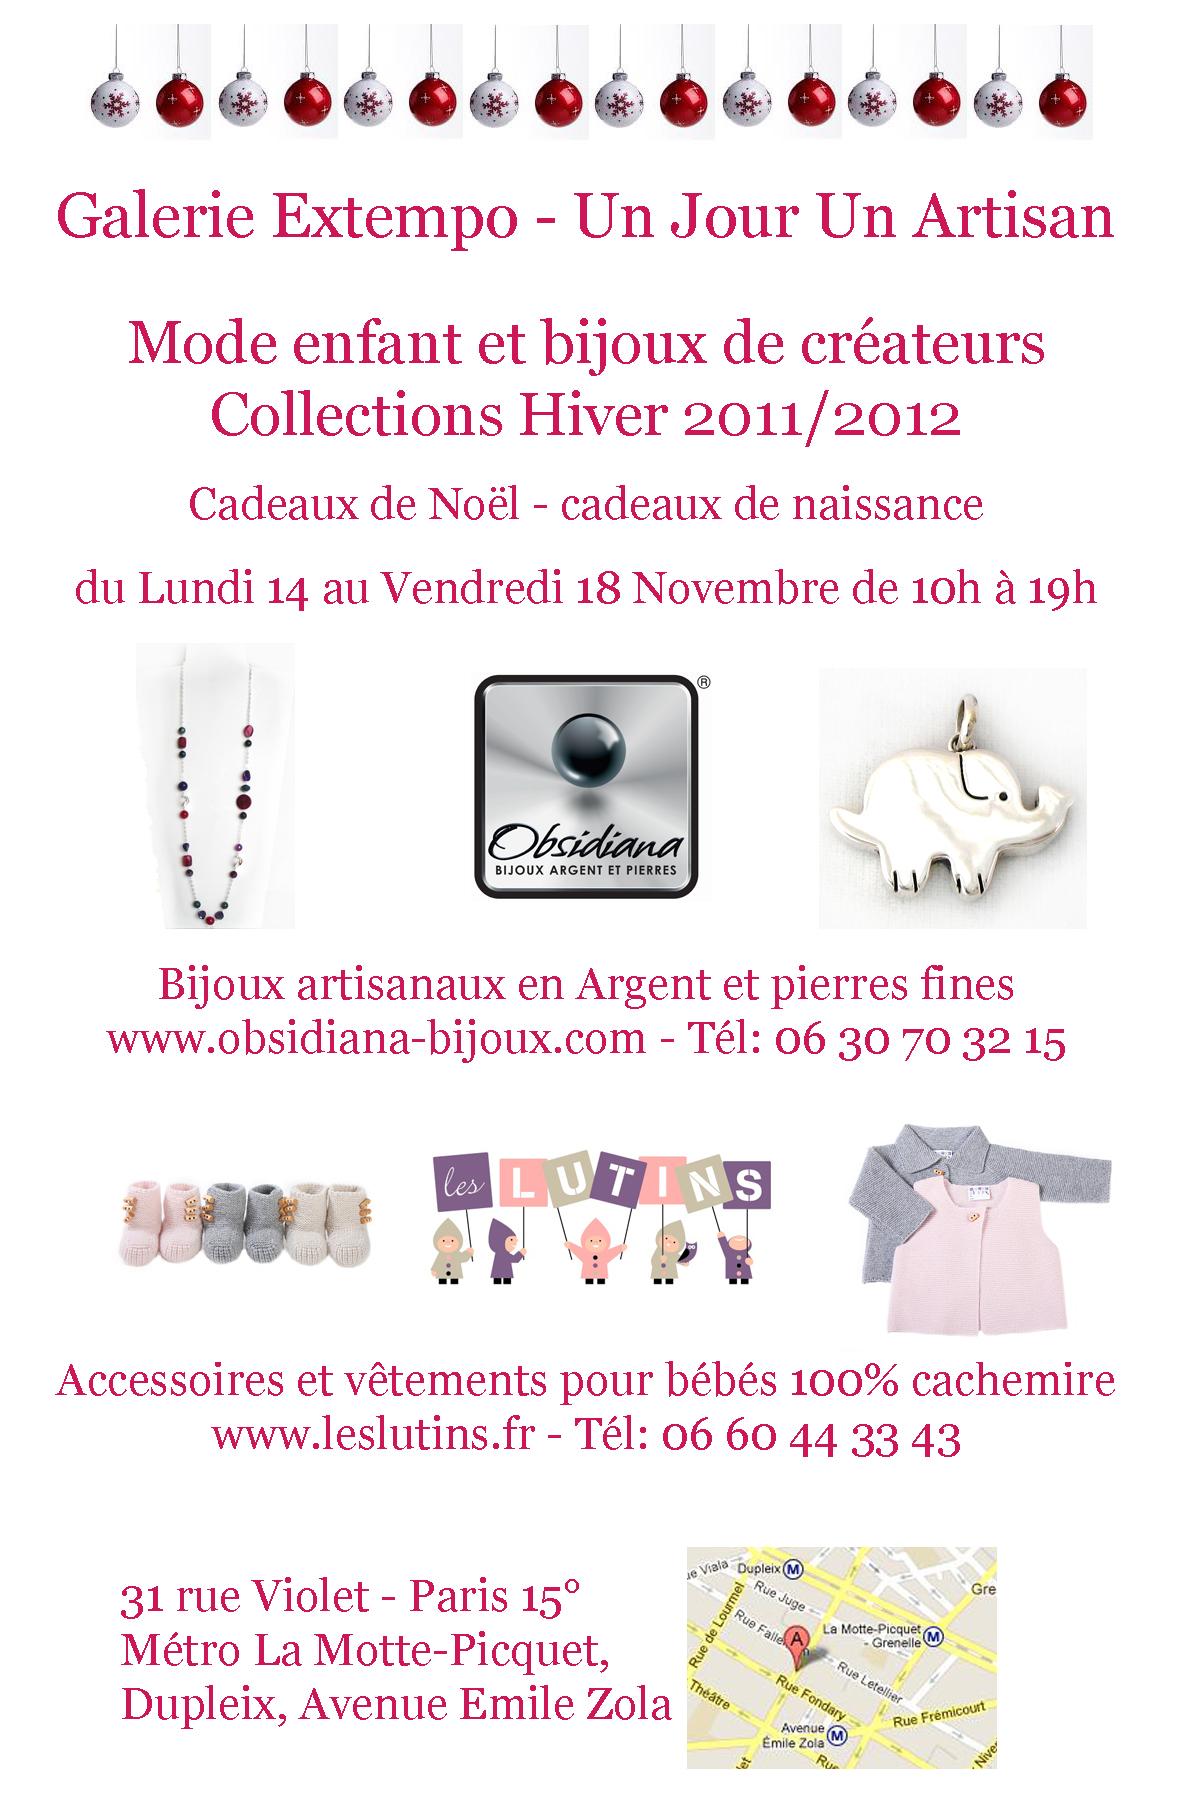 Boutique éphémère Les Lutins - Obsidiana Bijoux